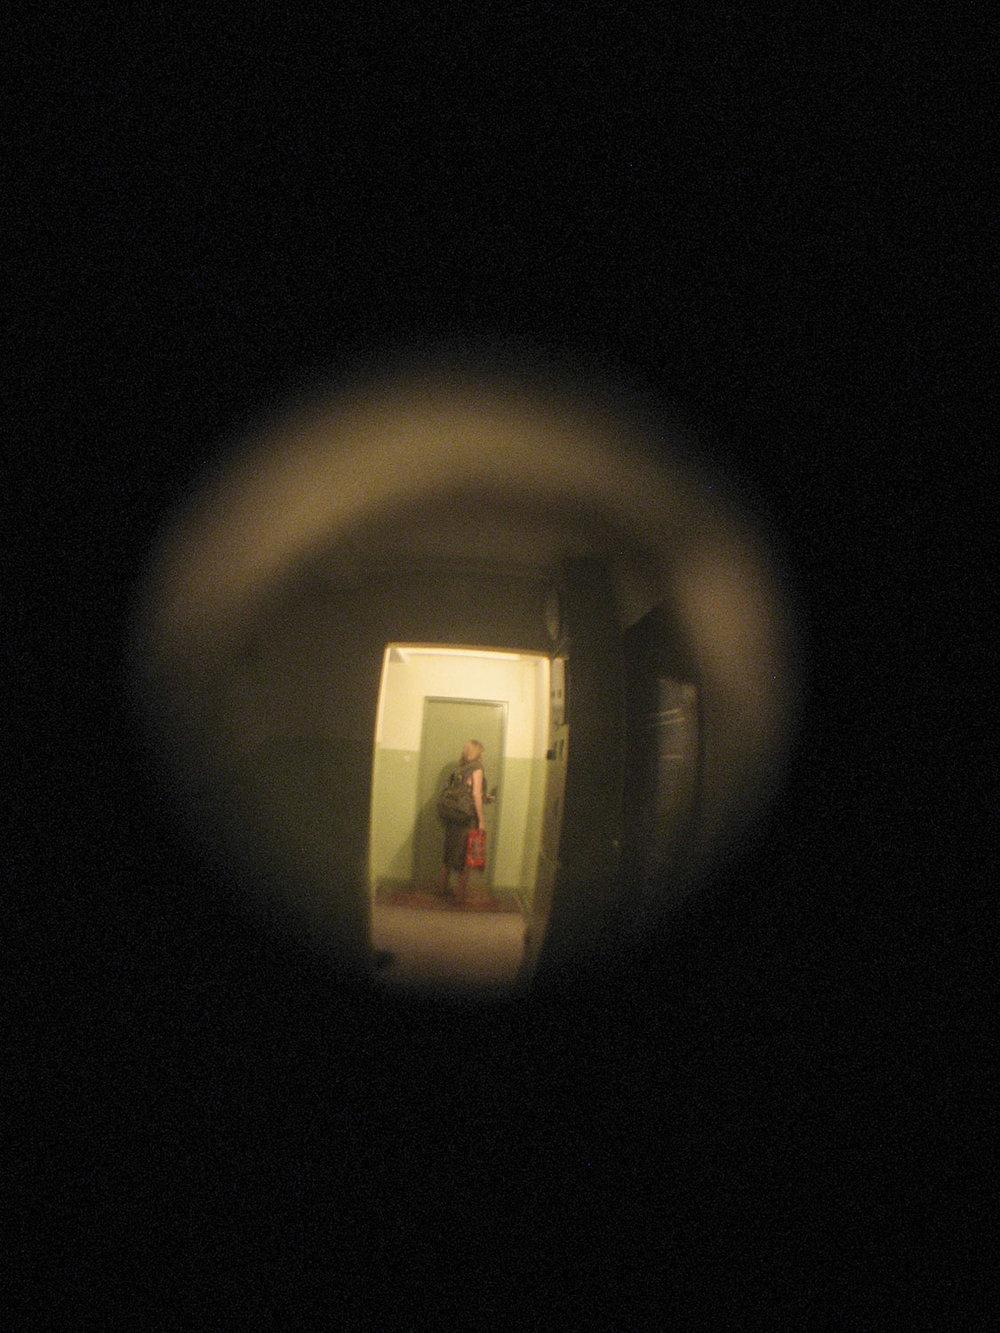 Surveillance: Warsaw.154